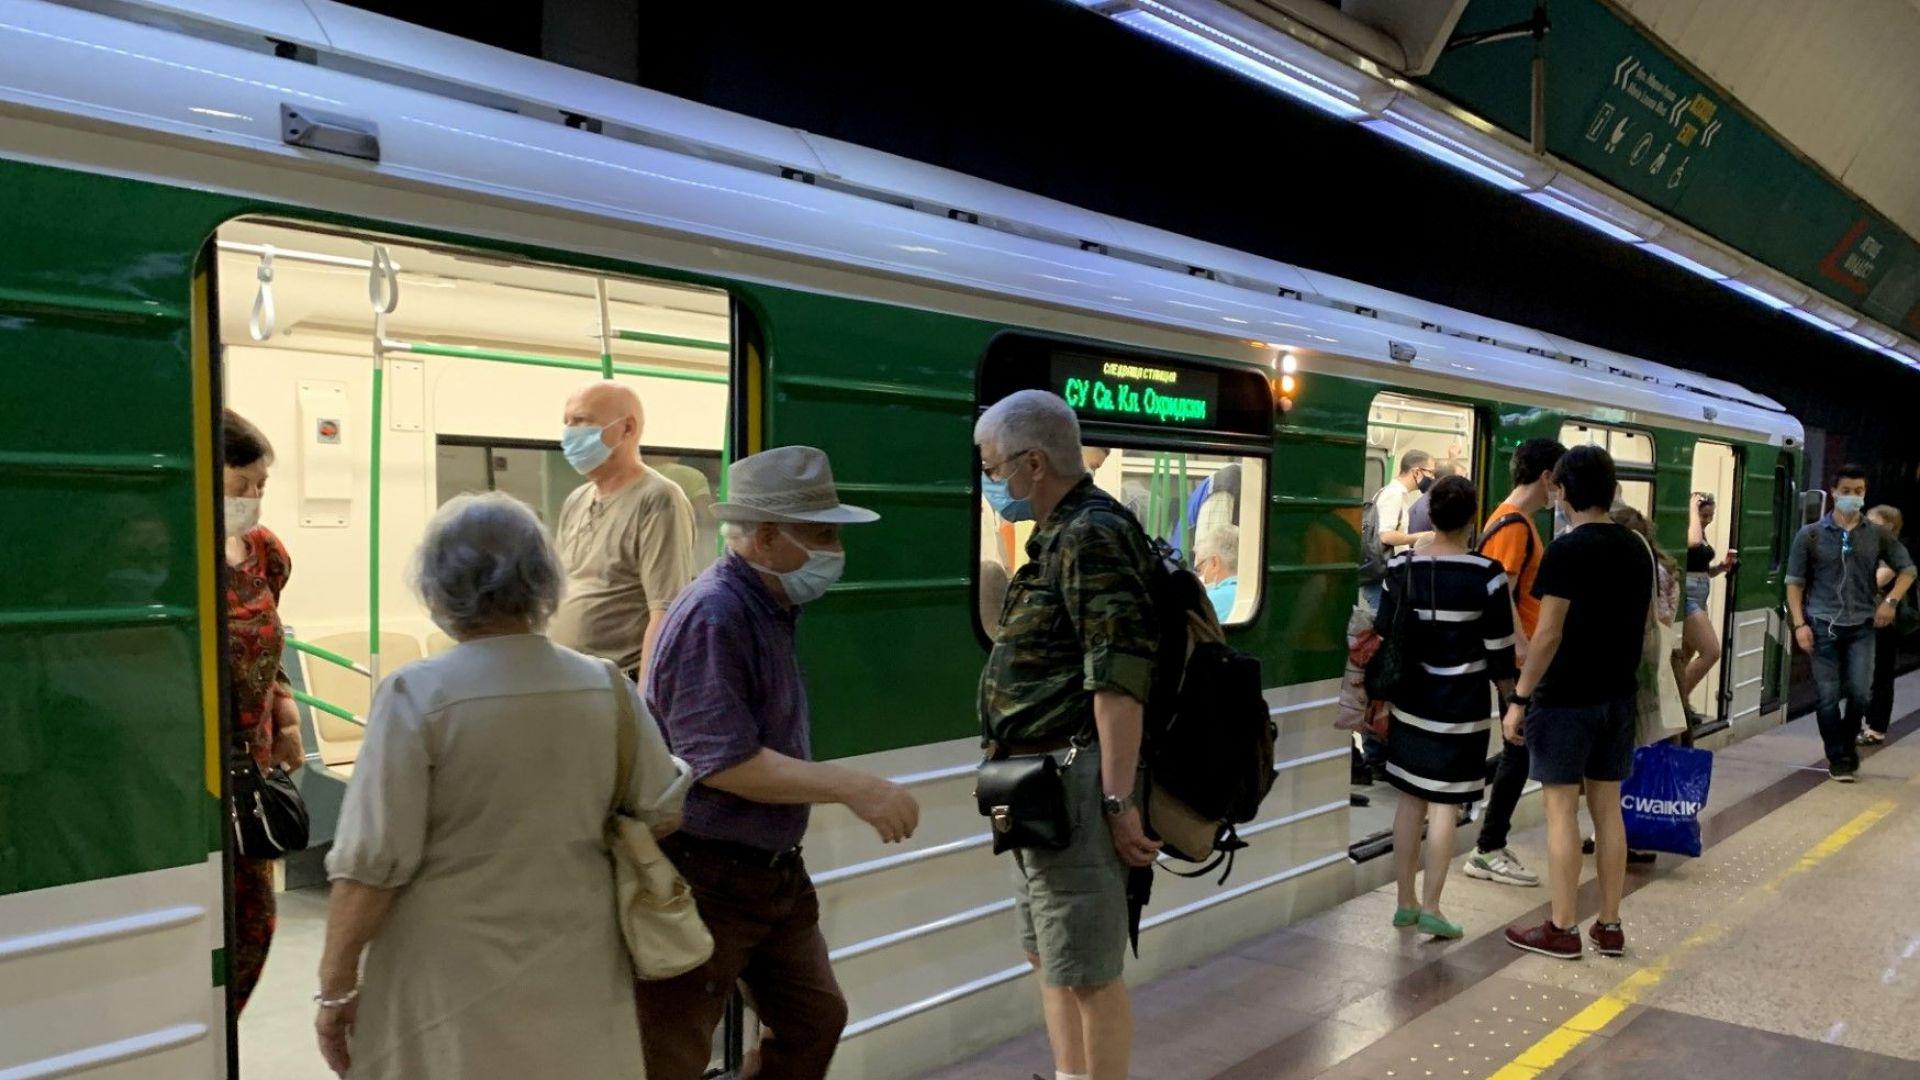 Таксуването в градския транспорт - най-вероятно ще е според времето за пътуване